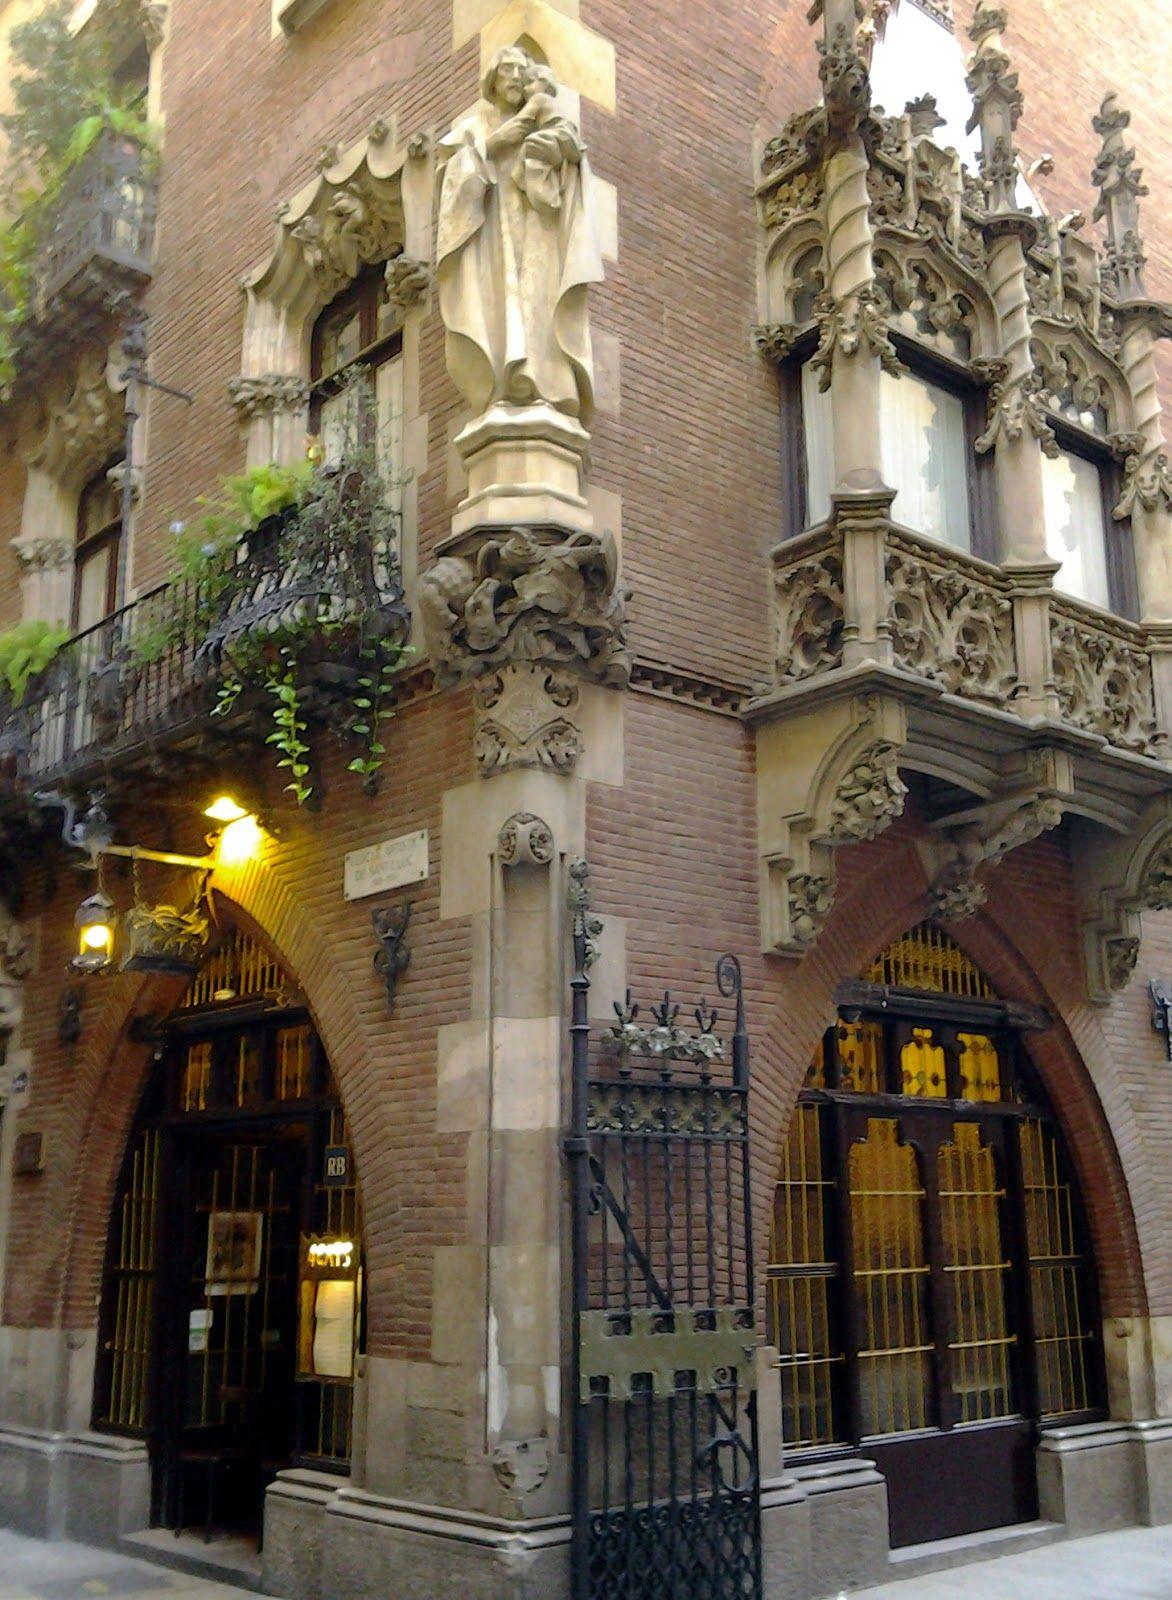 Casa marti josep puig i cadafalch el 12 de junio de 1897 for Casa luthier barcelona